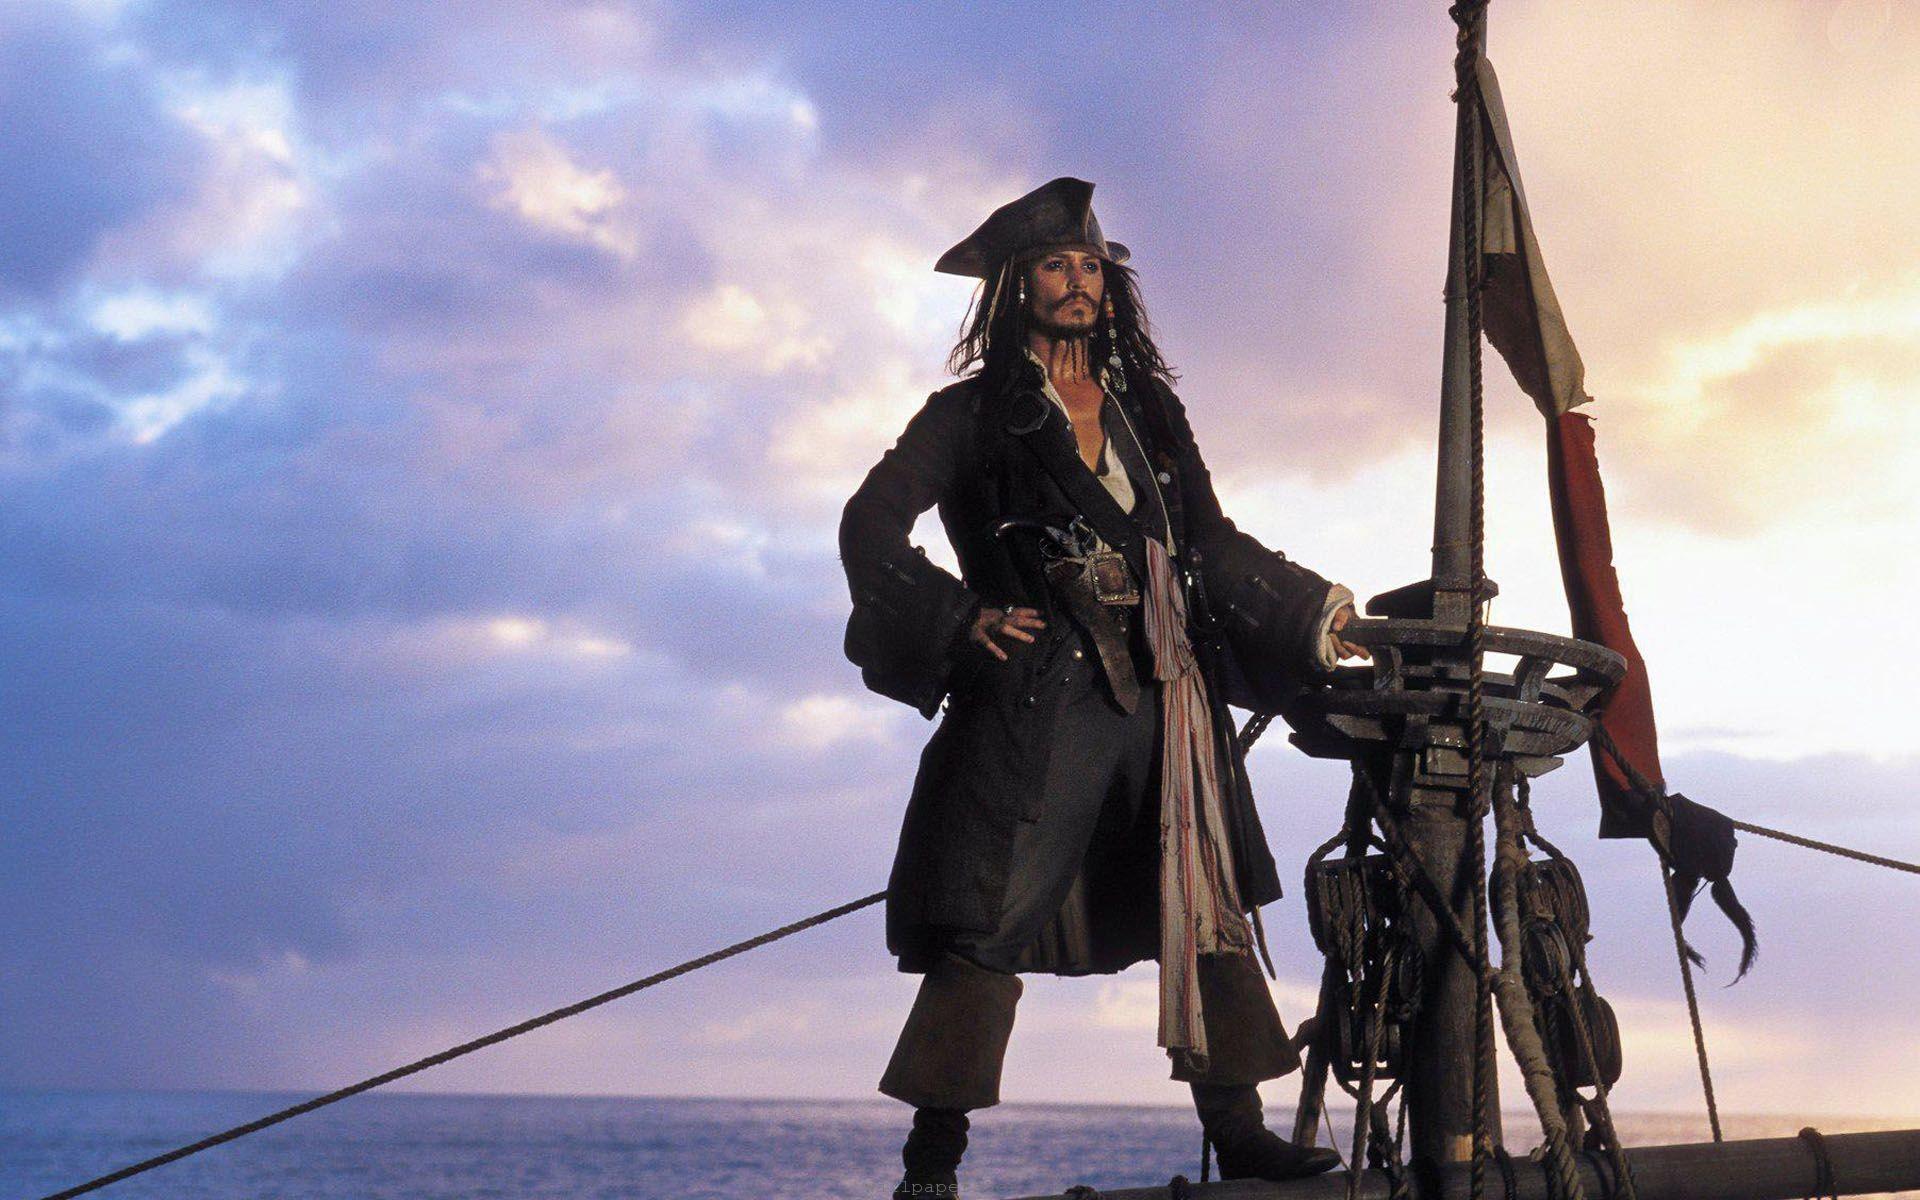 جانی دپ بازیگر نقش جک اسپارو در Pirates of the Caribbean سکوت خود در مورد این نقش را شکسته و گفته دلش برای شخصیت جک اسپارو تنگ نشده است.